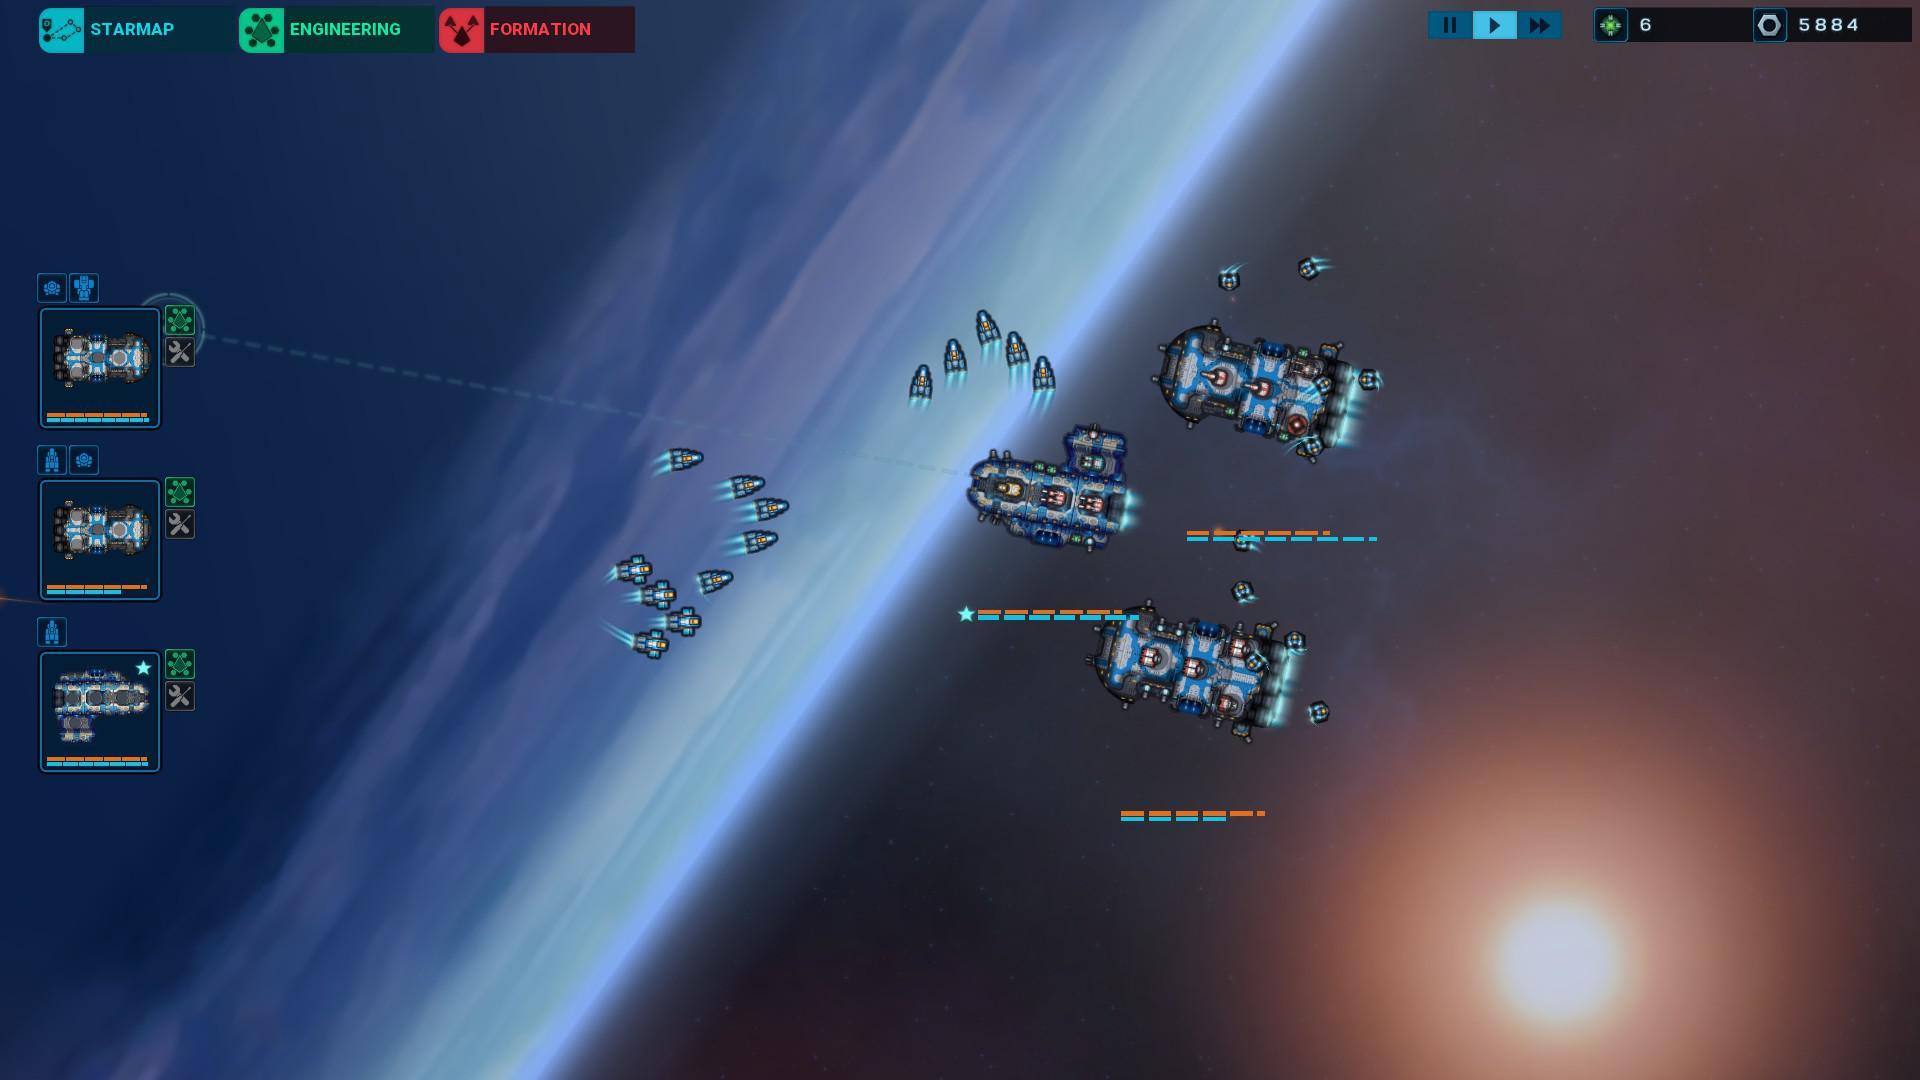 対空砲が弱いものもあるが、艦載機がとにかく有用だ。敵小型機に対処ができ、ミサイルも迎撃し、砲撃戦での弾よけにもなる。その結果、艦船をすべて空母種にし、艦載機を優先して改良する育成しかできない。